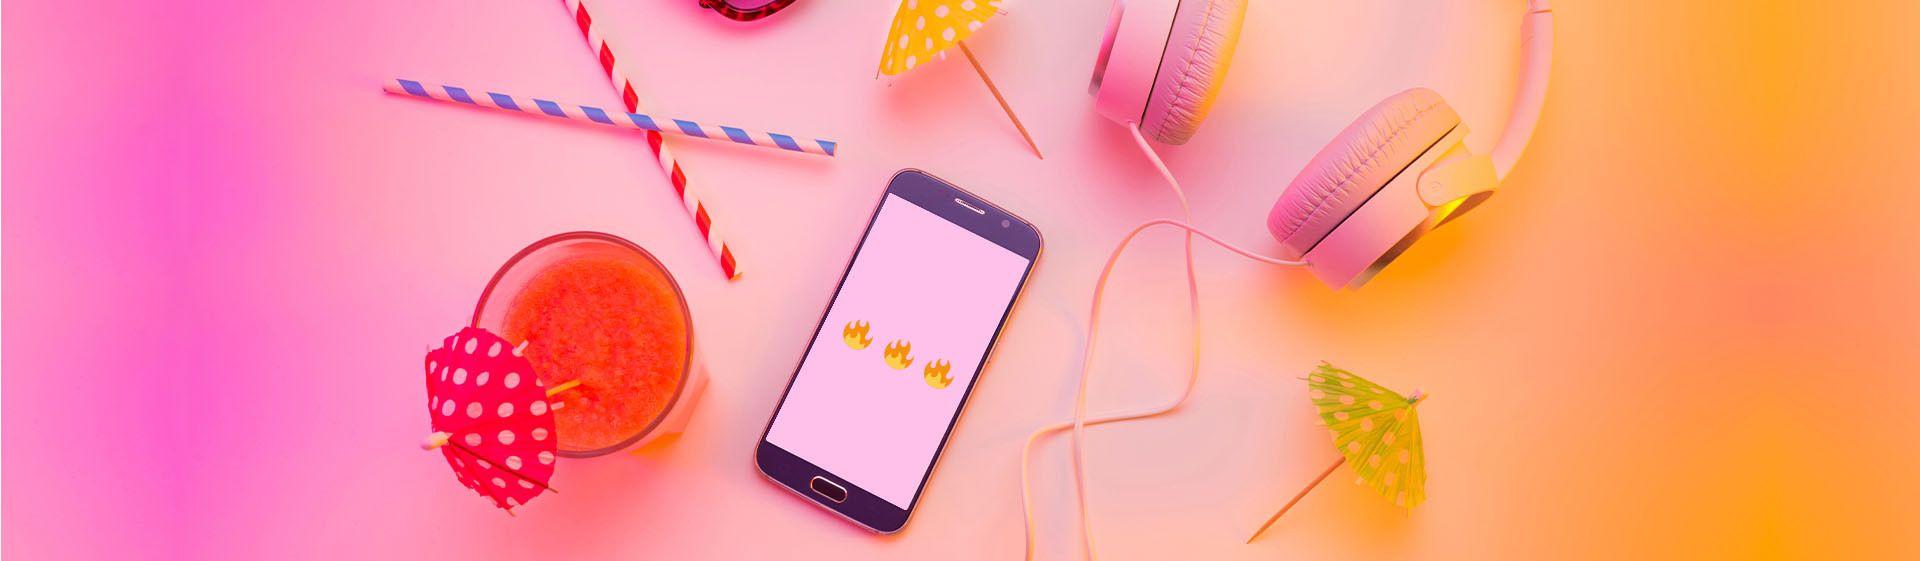 Como cuidar do celular no verão? 4 dicas para proteger o aparelho do calor